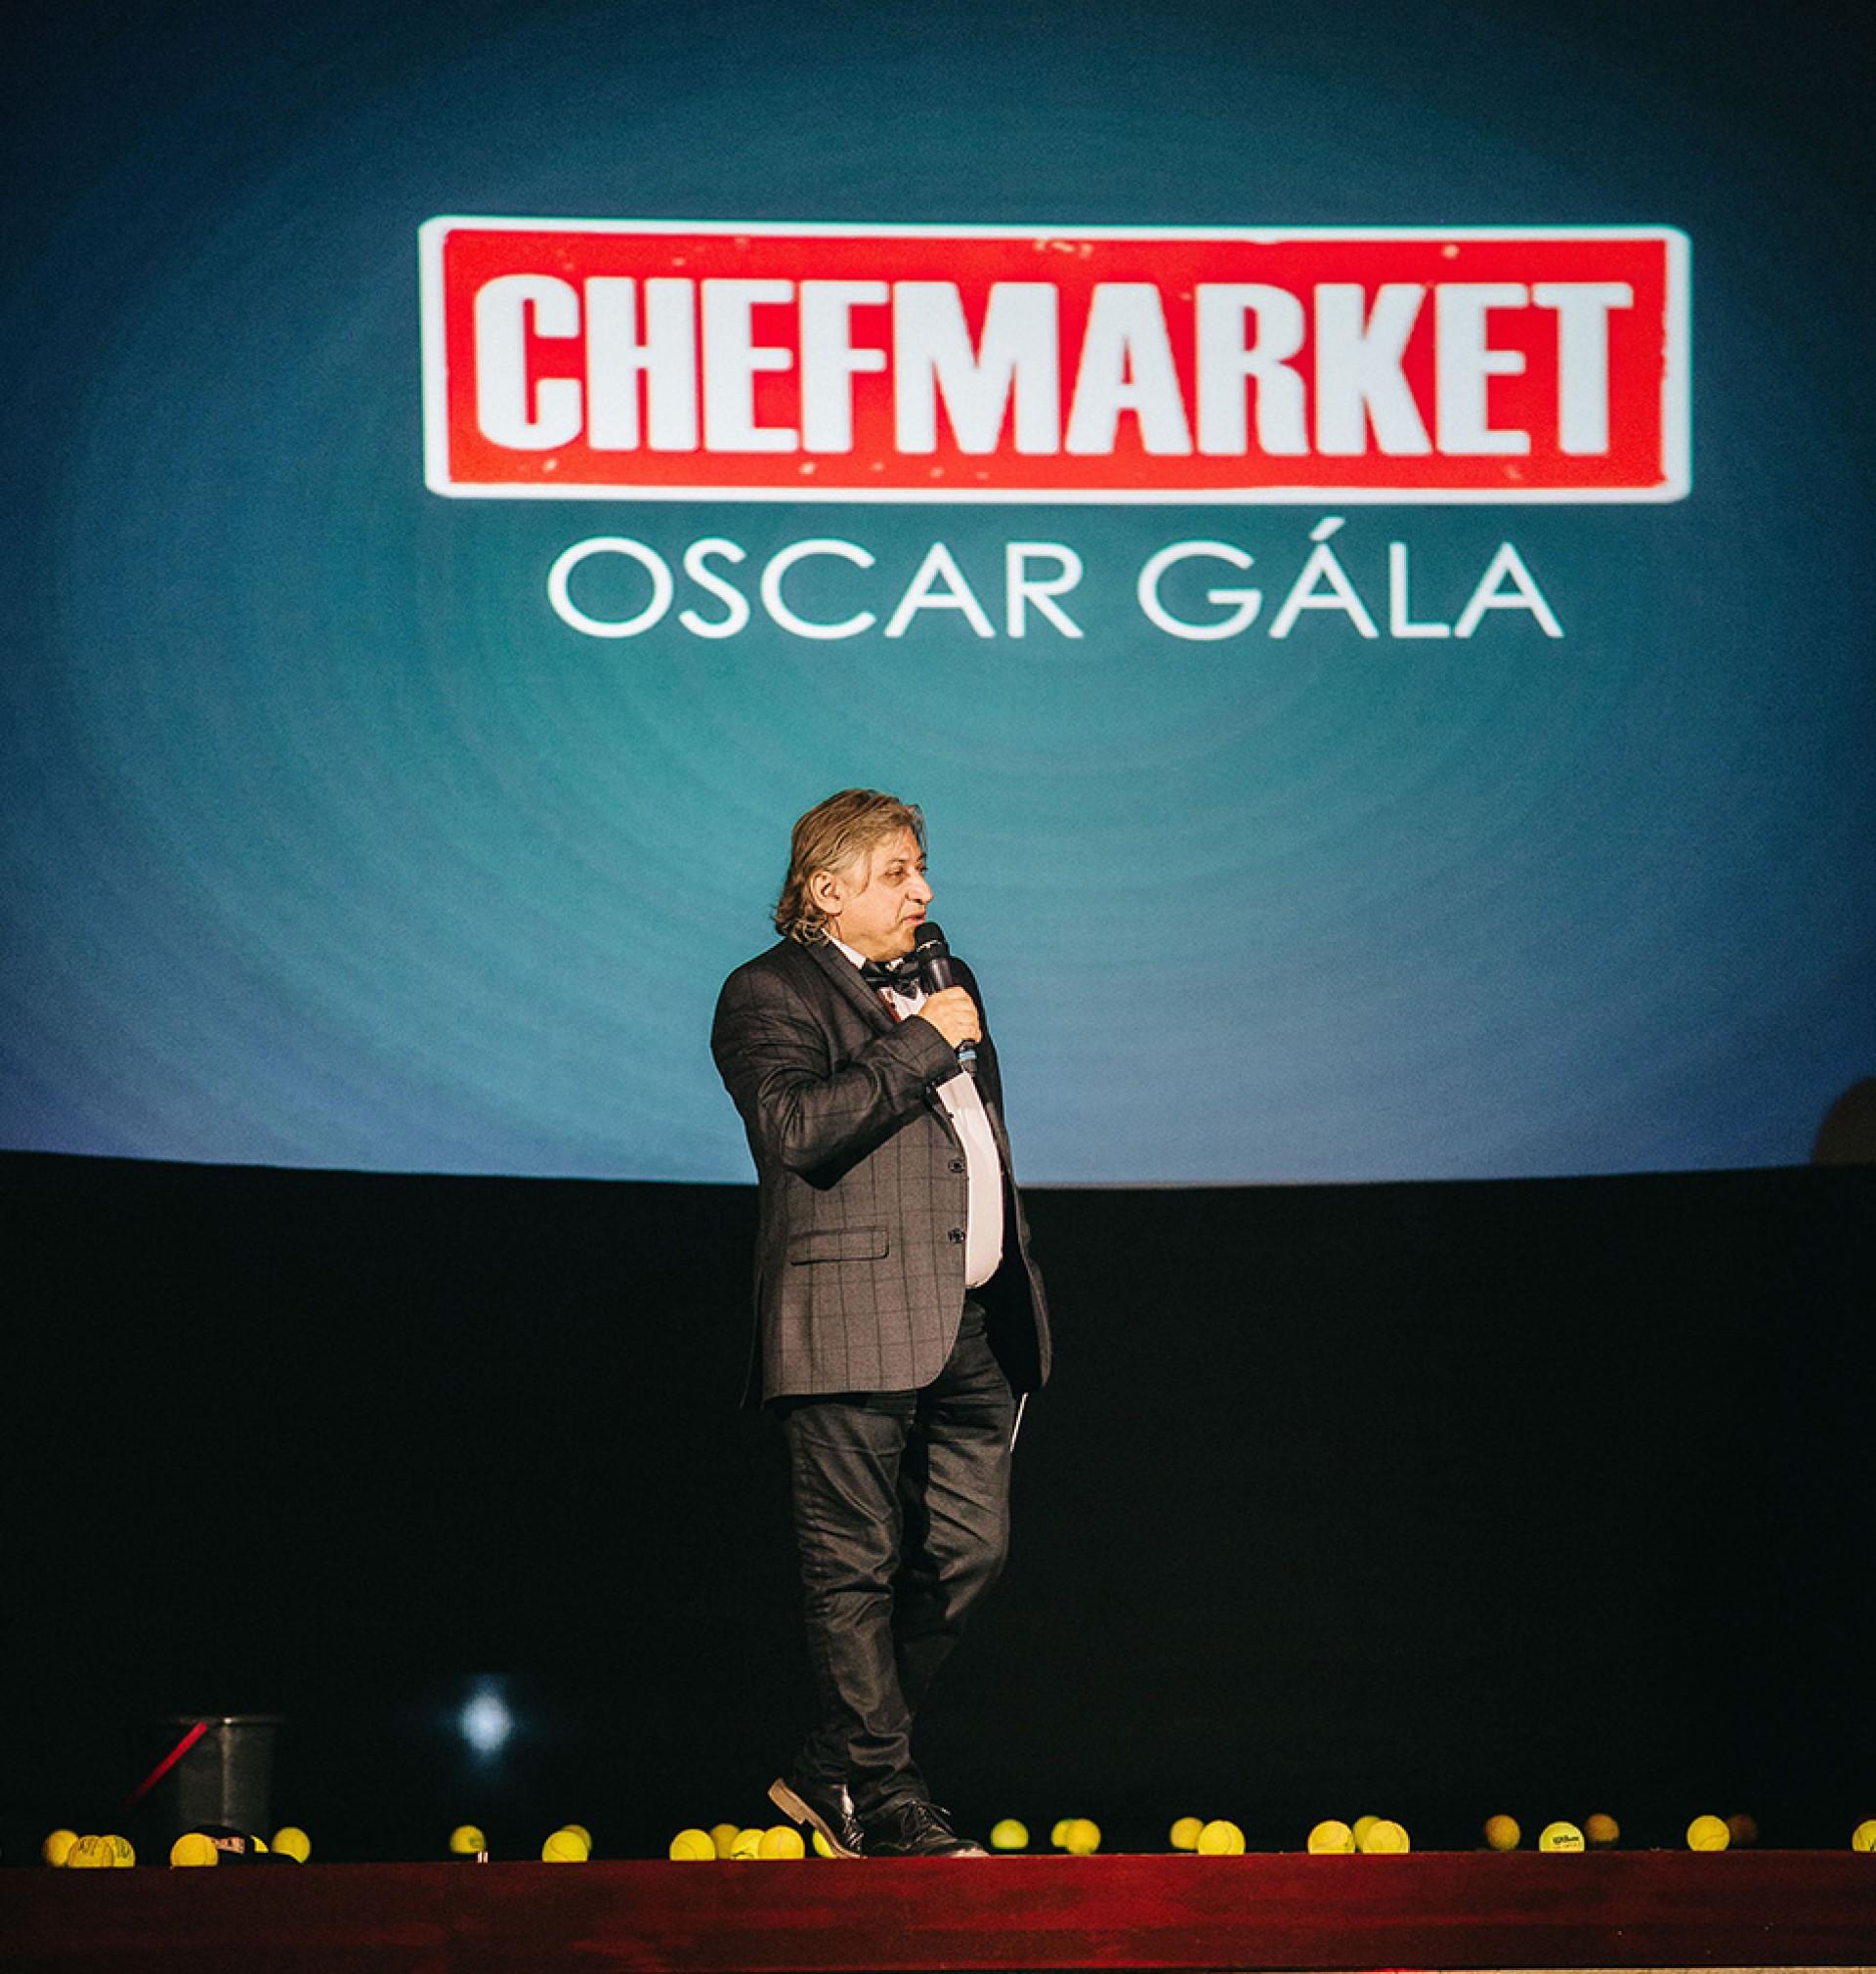 Chef Market Oscar